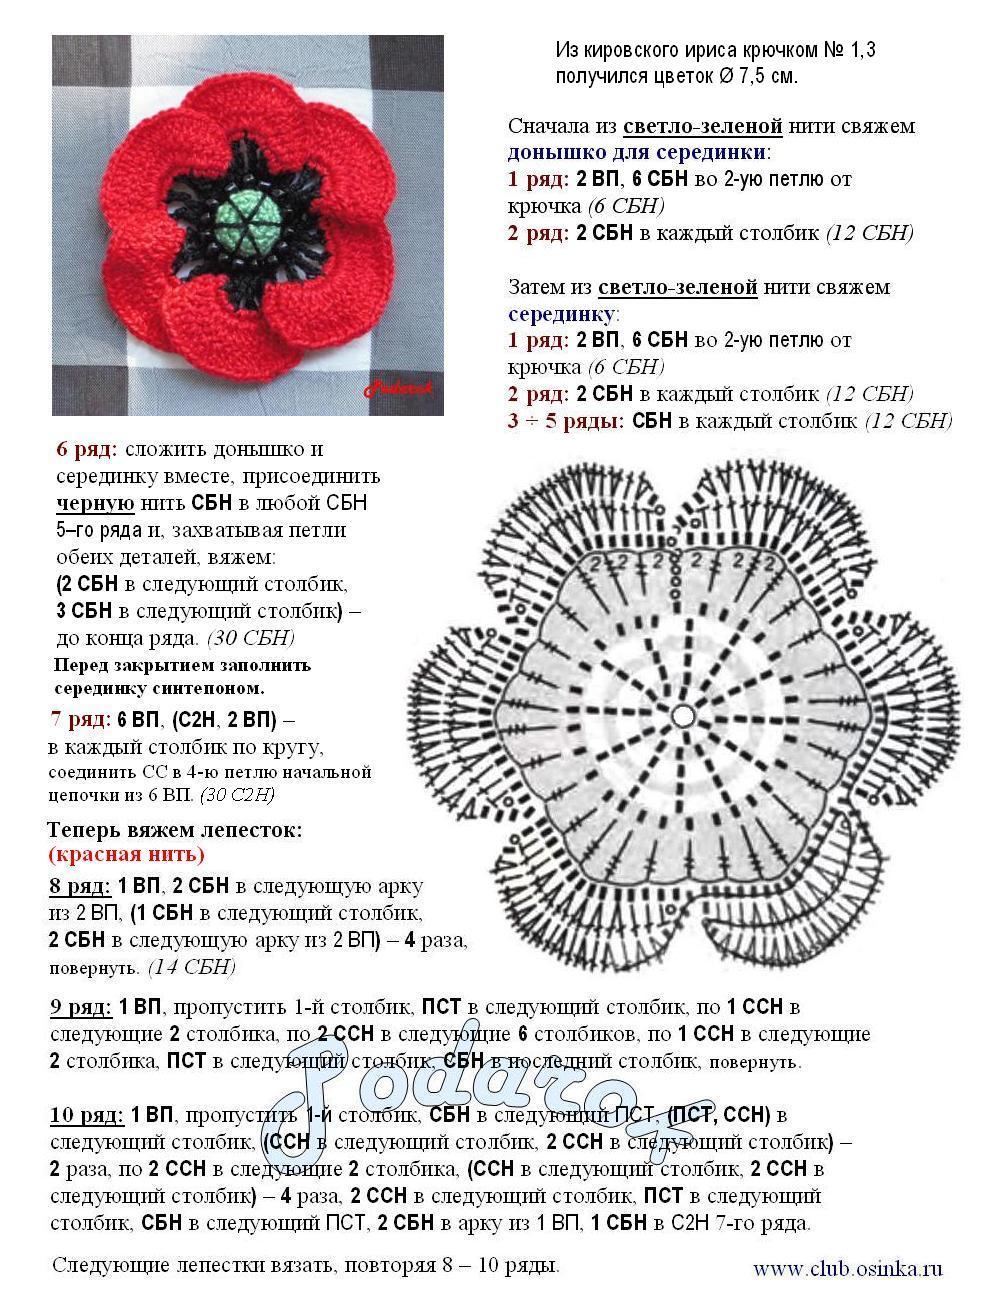 схема цветочков кручком